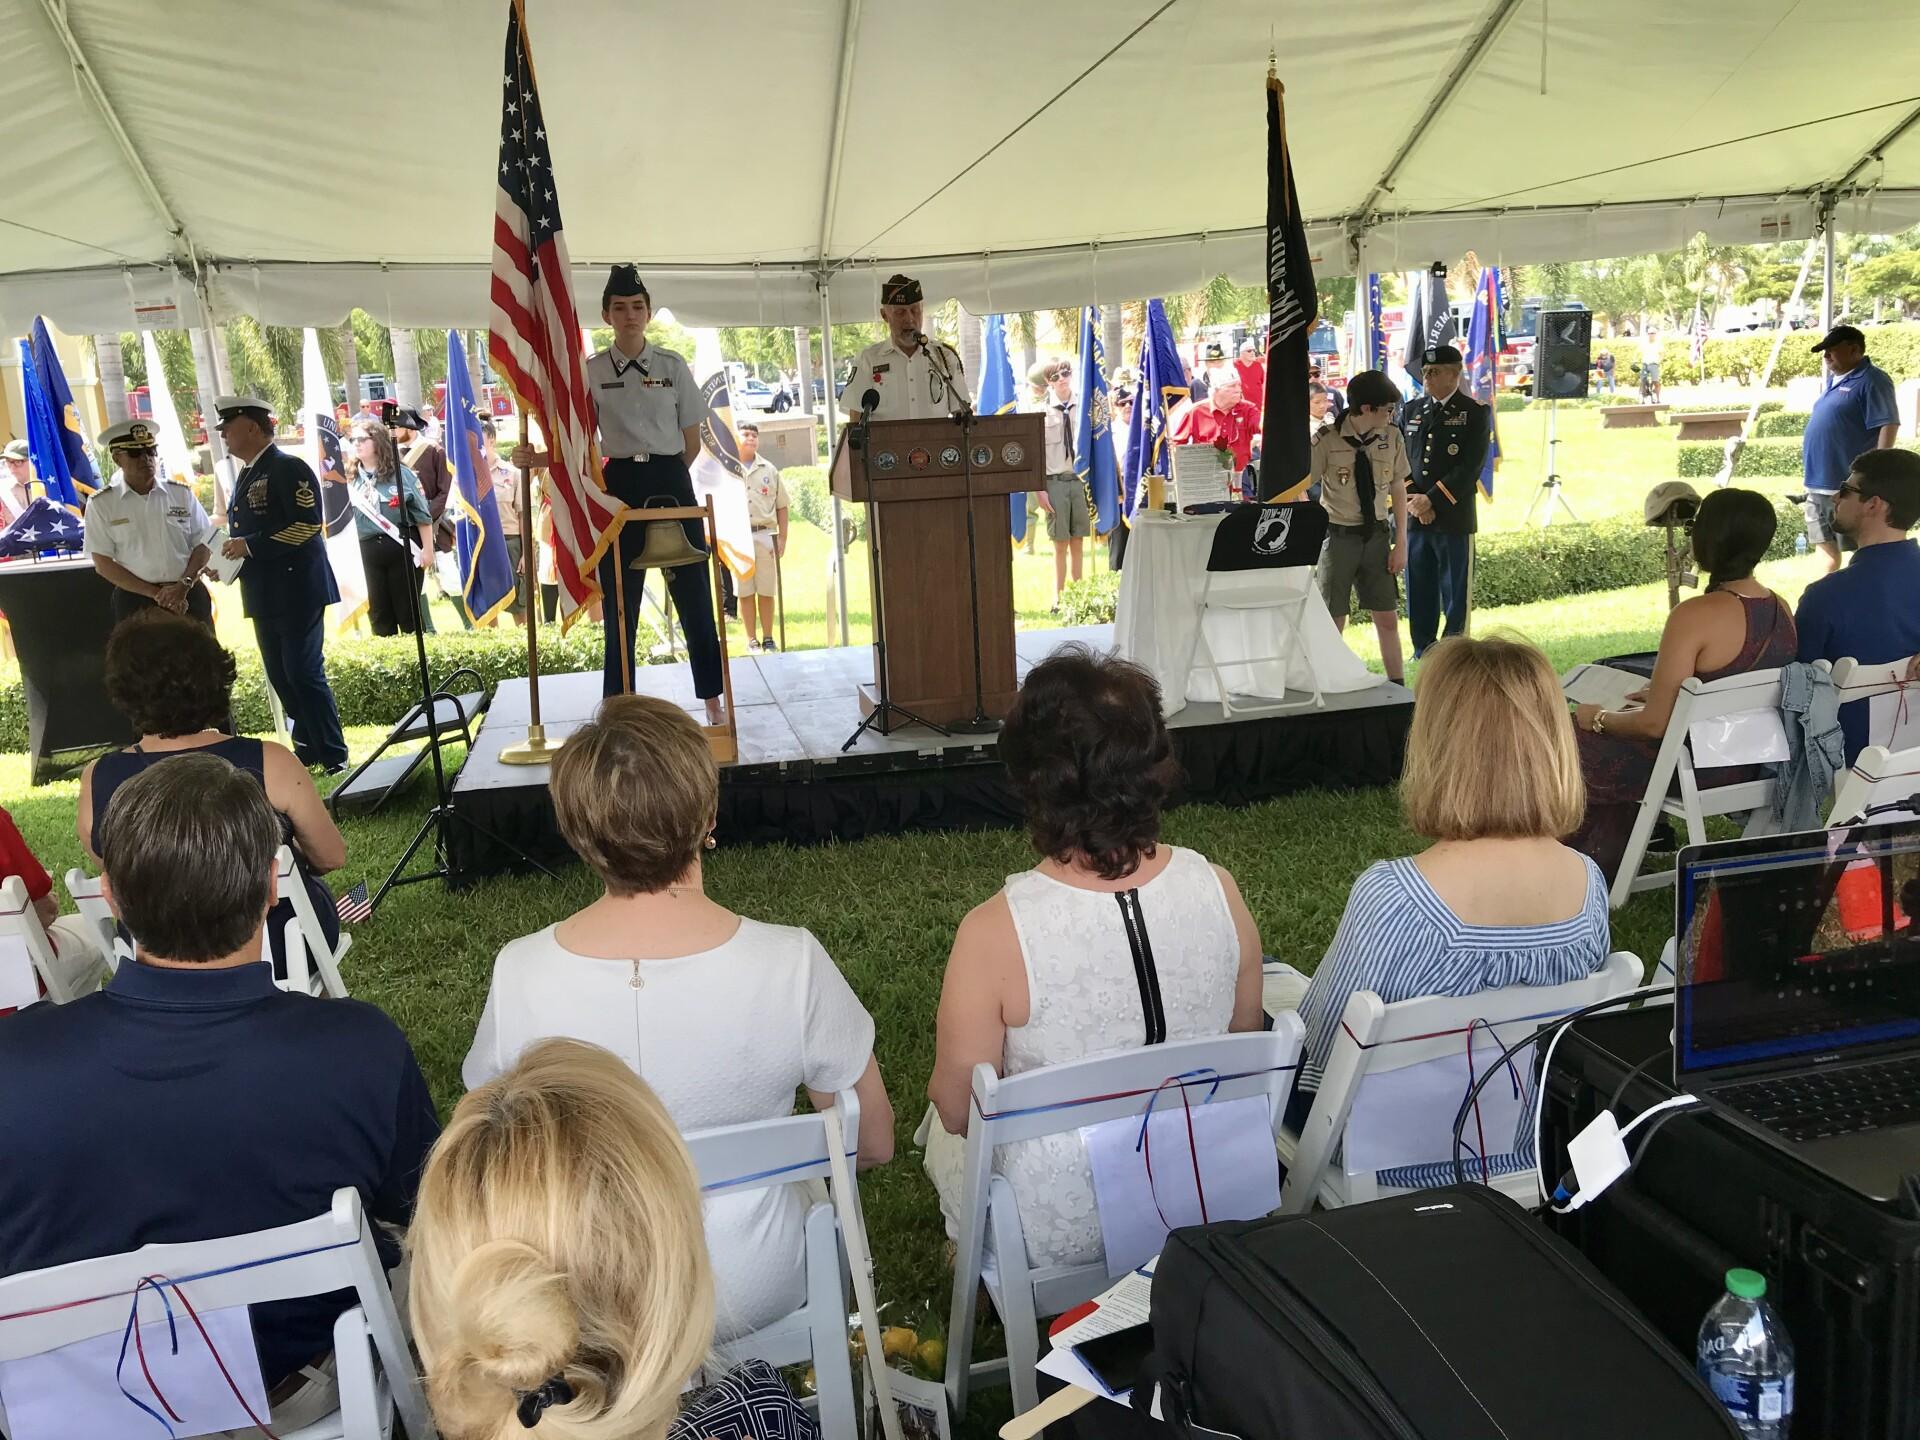 2021 Memorial Day commemorative (Photos Bernadette La Paglia) (33).jpg